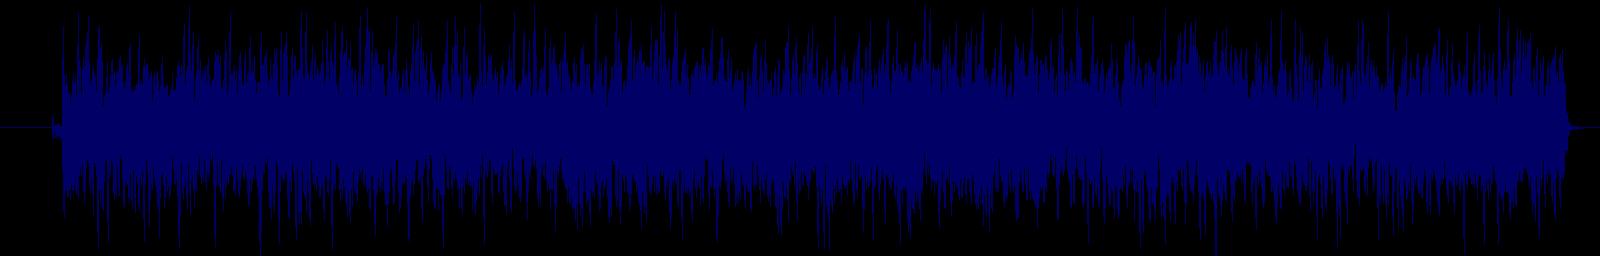 waveform of track #103805